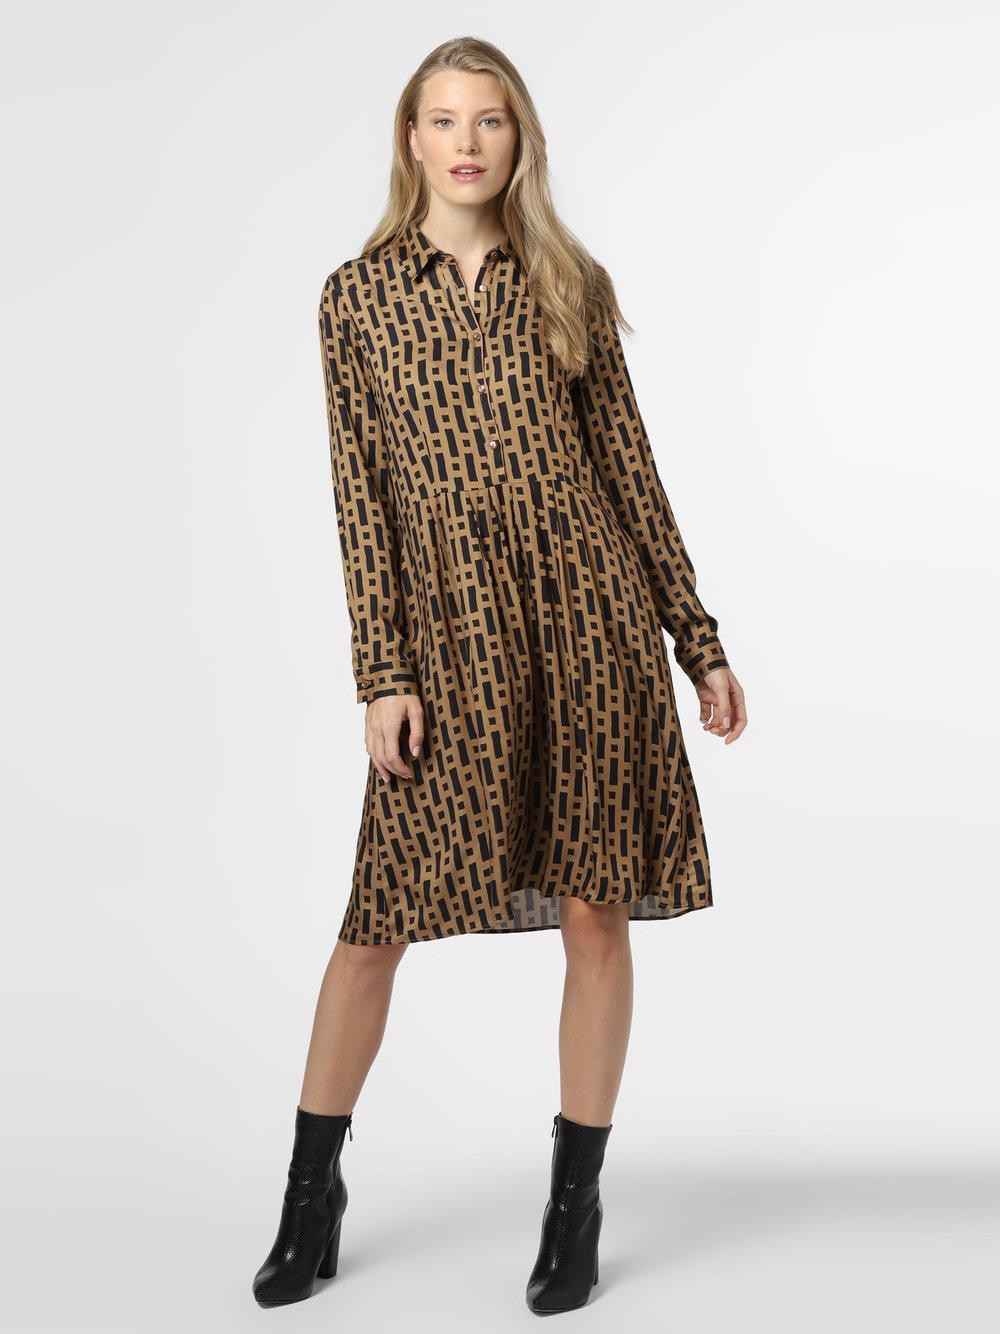 0039 Italy – Sukienka damska – Constanza New, beżowy Van Graaf 486059-0001